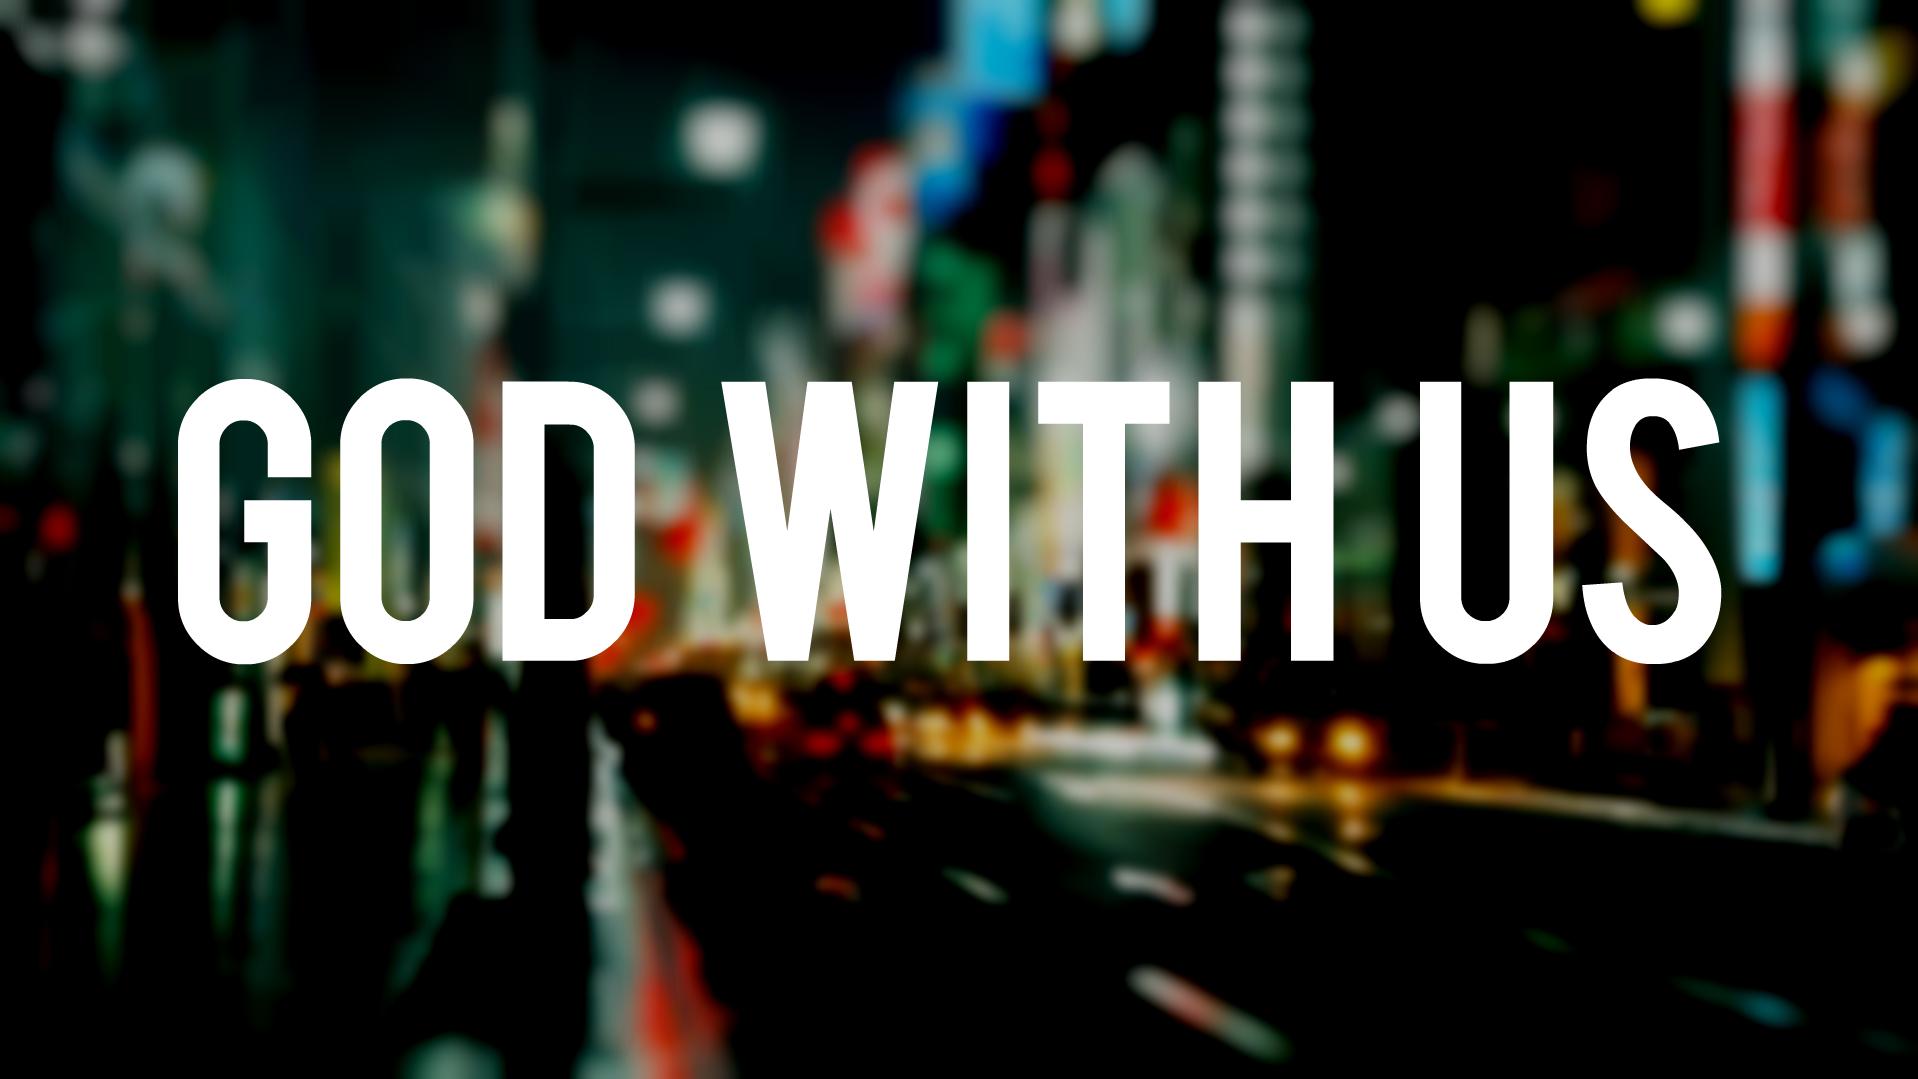 god-with-us.jpg